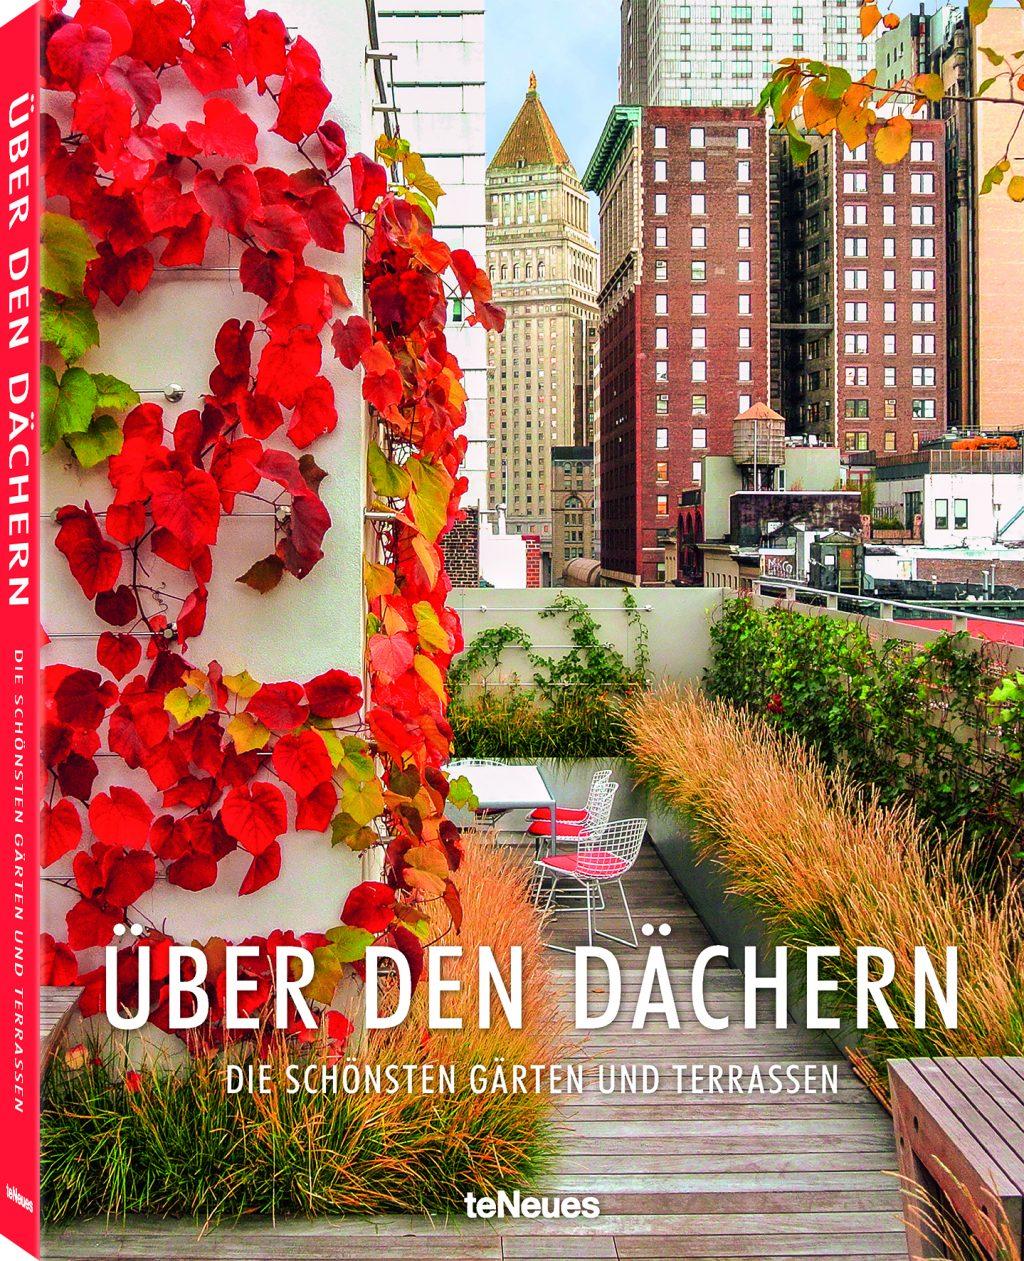 »Über den Dächern« - Die schönsten Gärten und Terrassen, Text von Ashley Penn, © teNeues 2016.